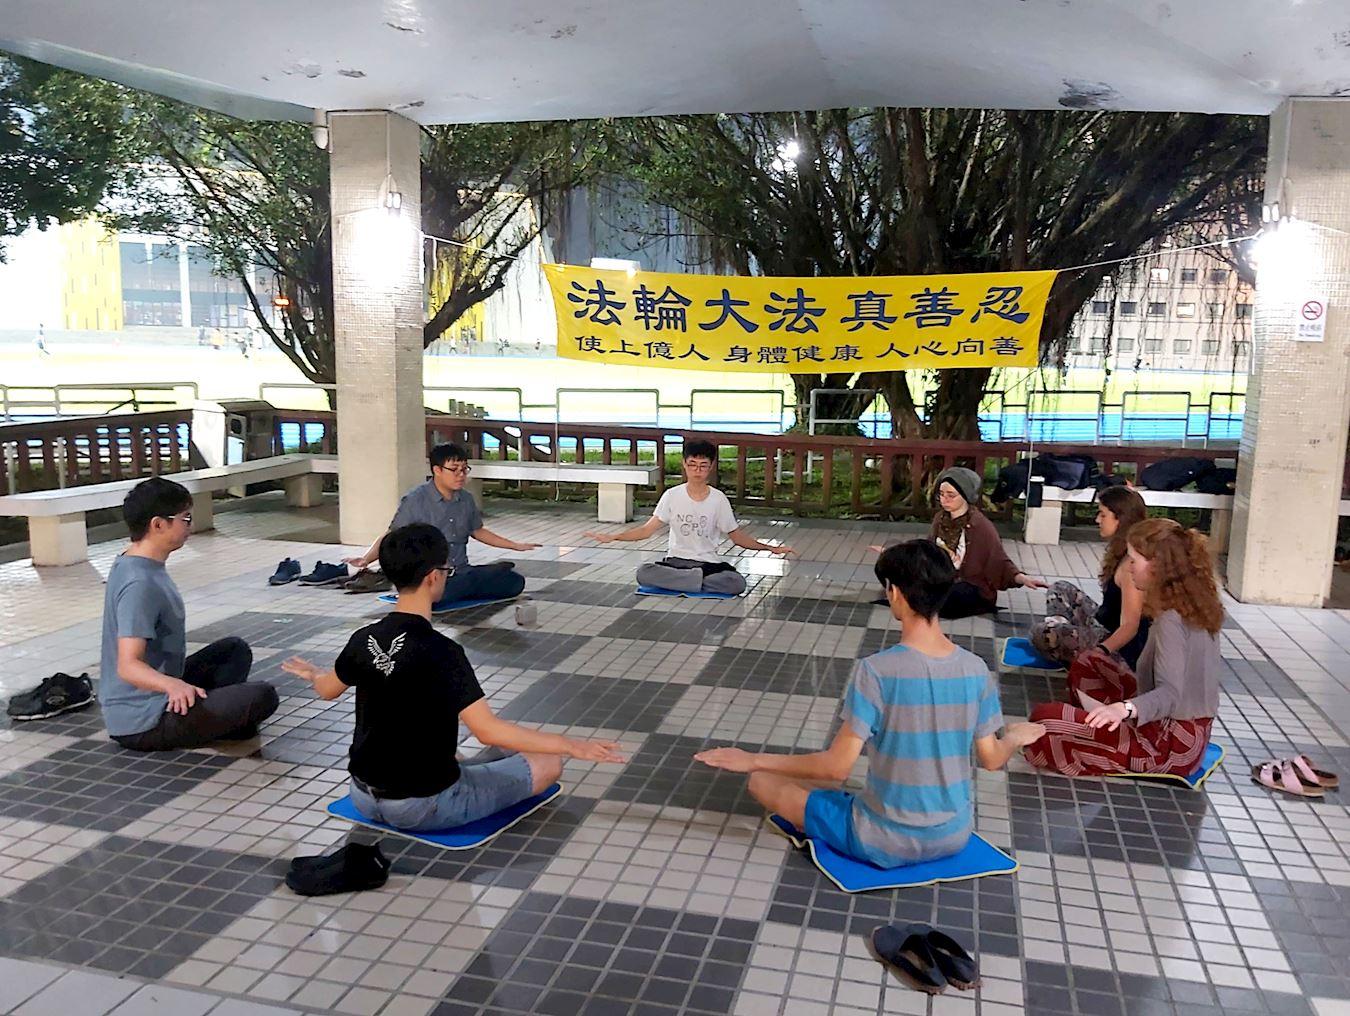 台灣大學校園 法輪功社團傳真相